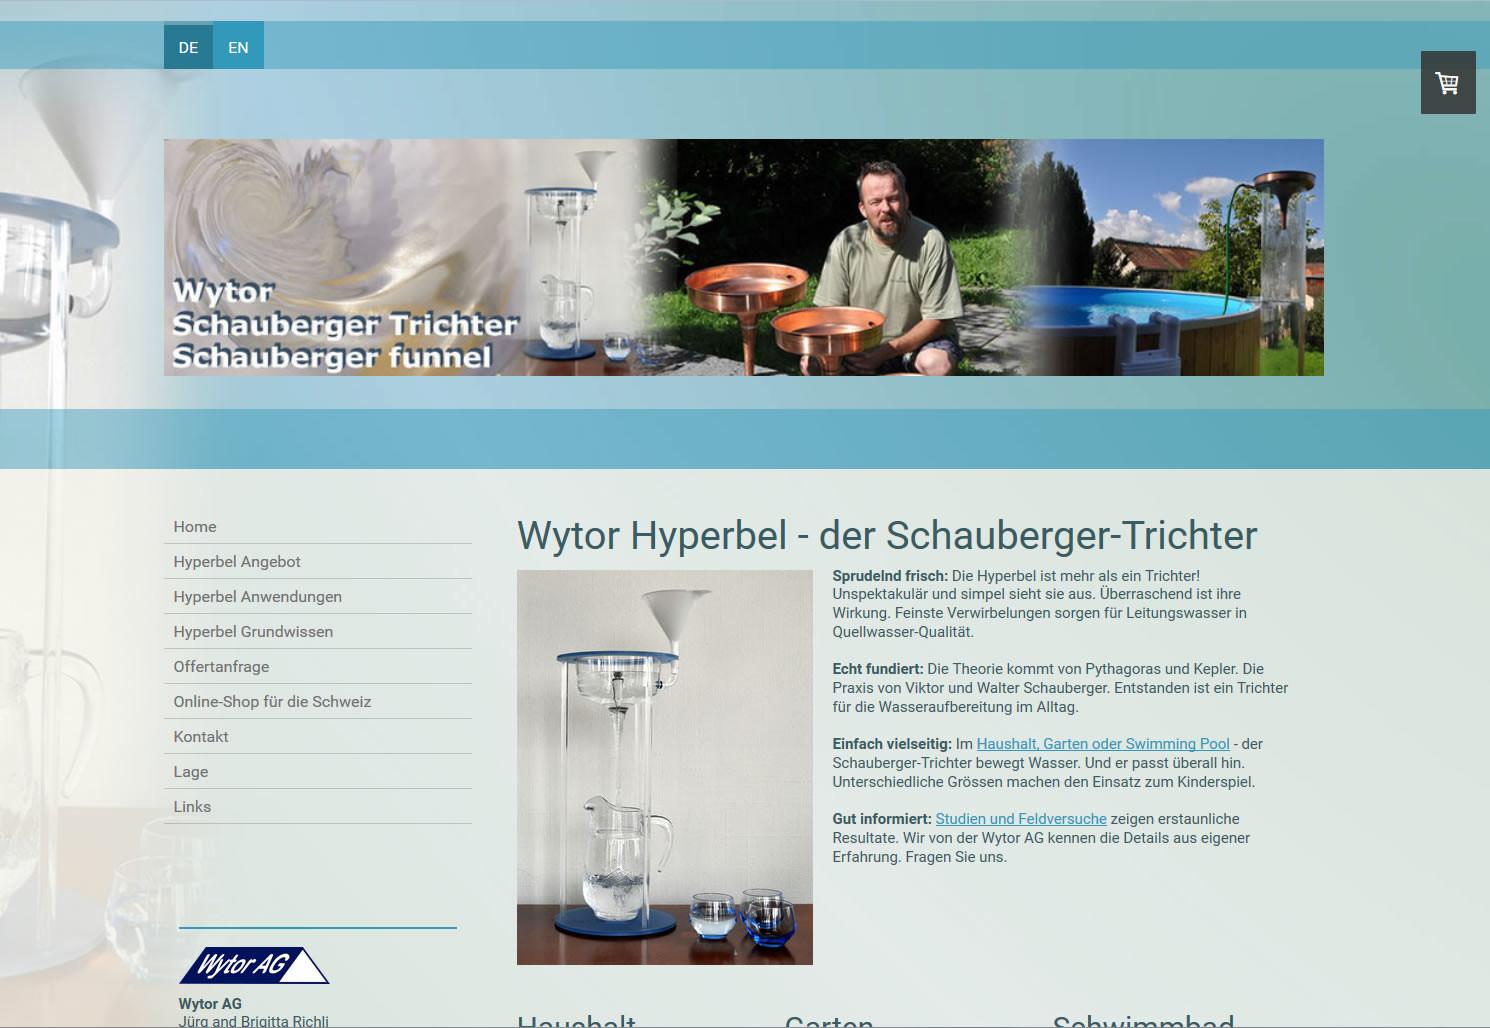 Wytor Hyperbel - der Schauberger-Trichter